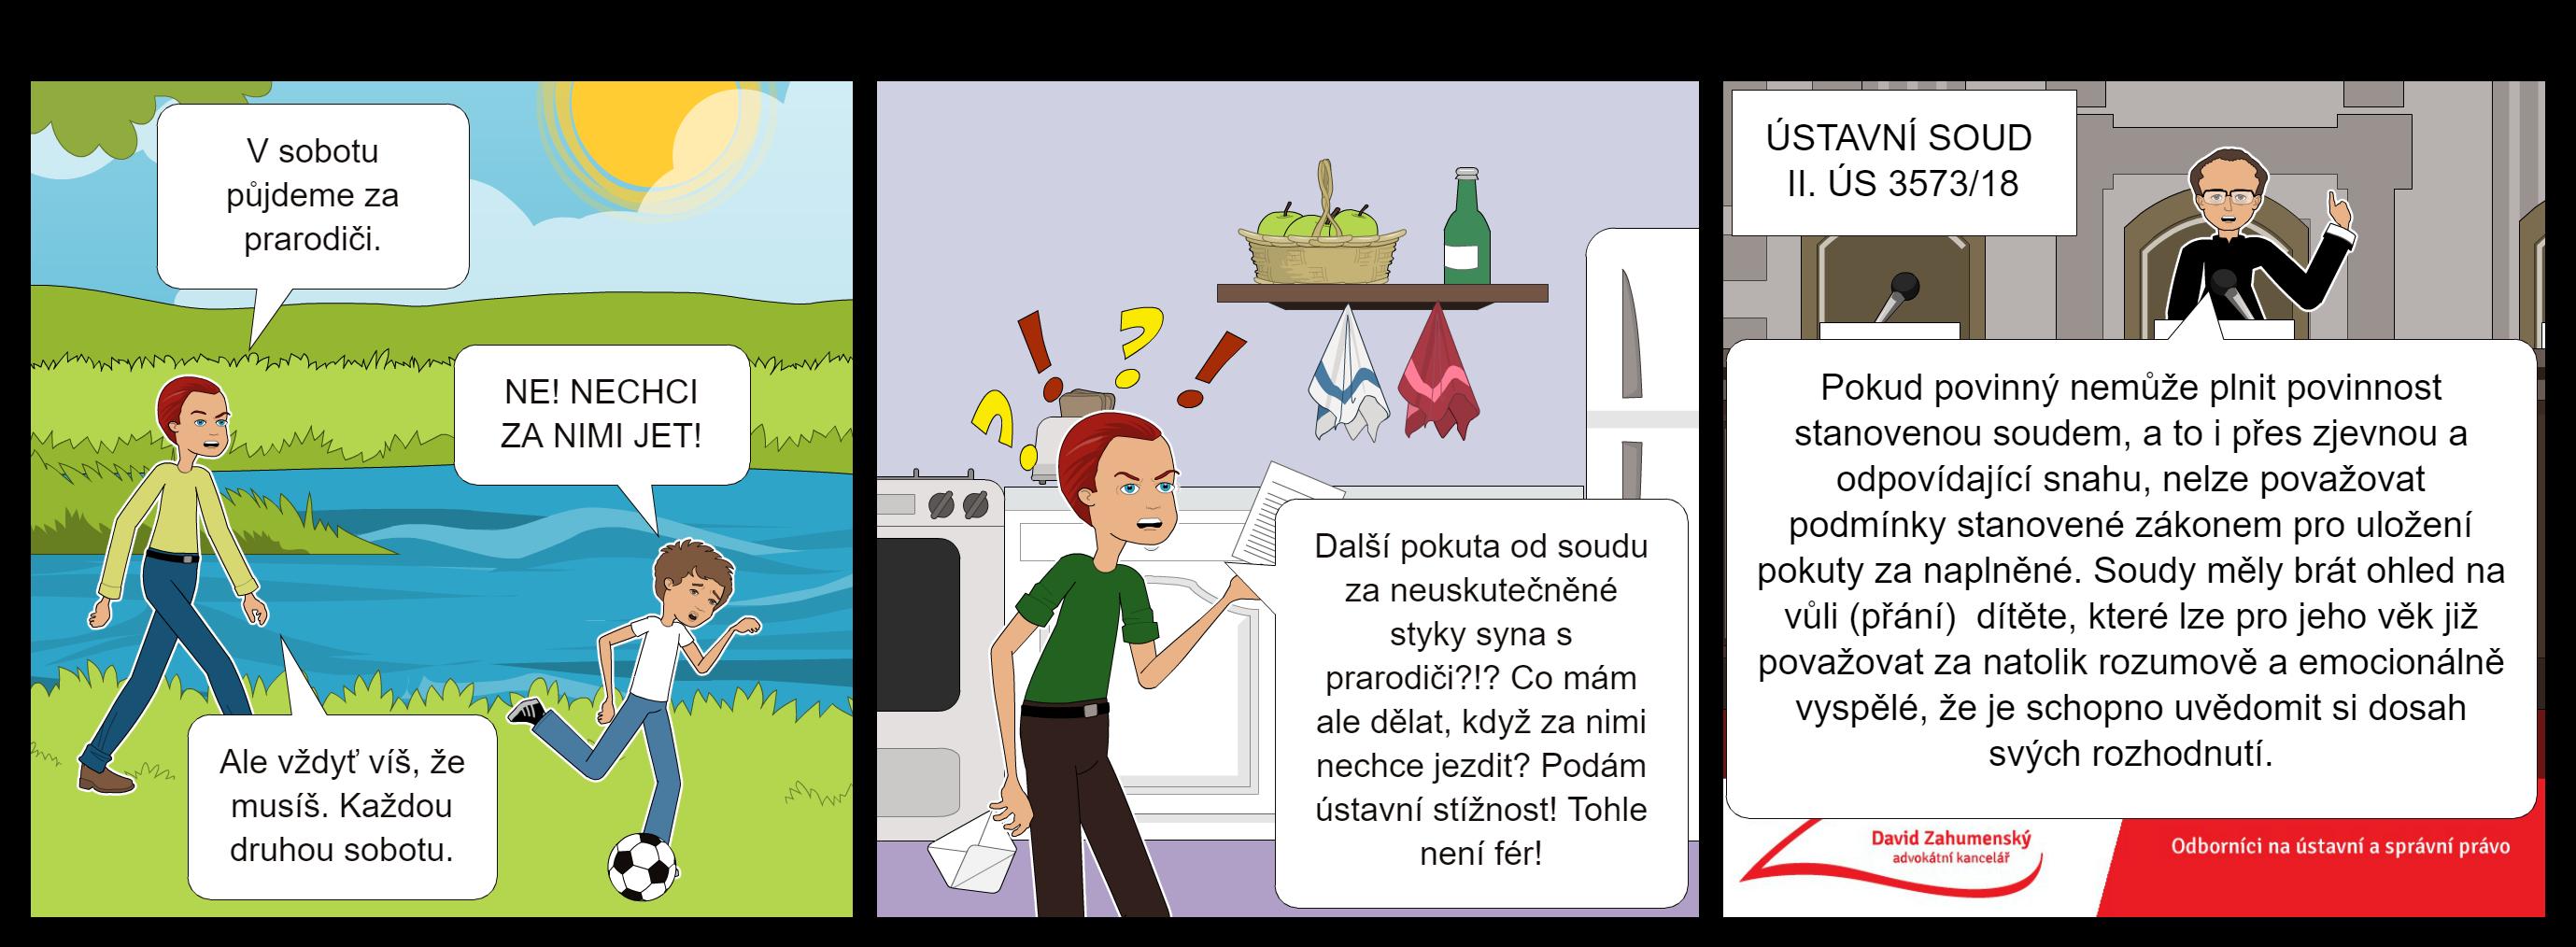 Komiks k nálezu sp. zn. II. ÚS 3573/18